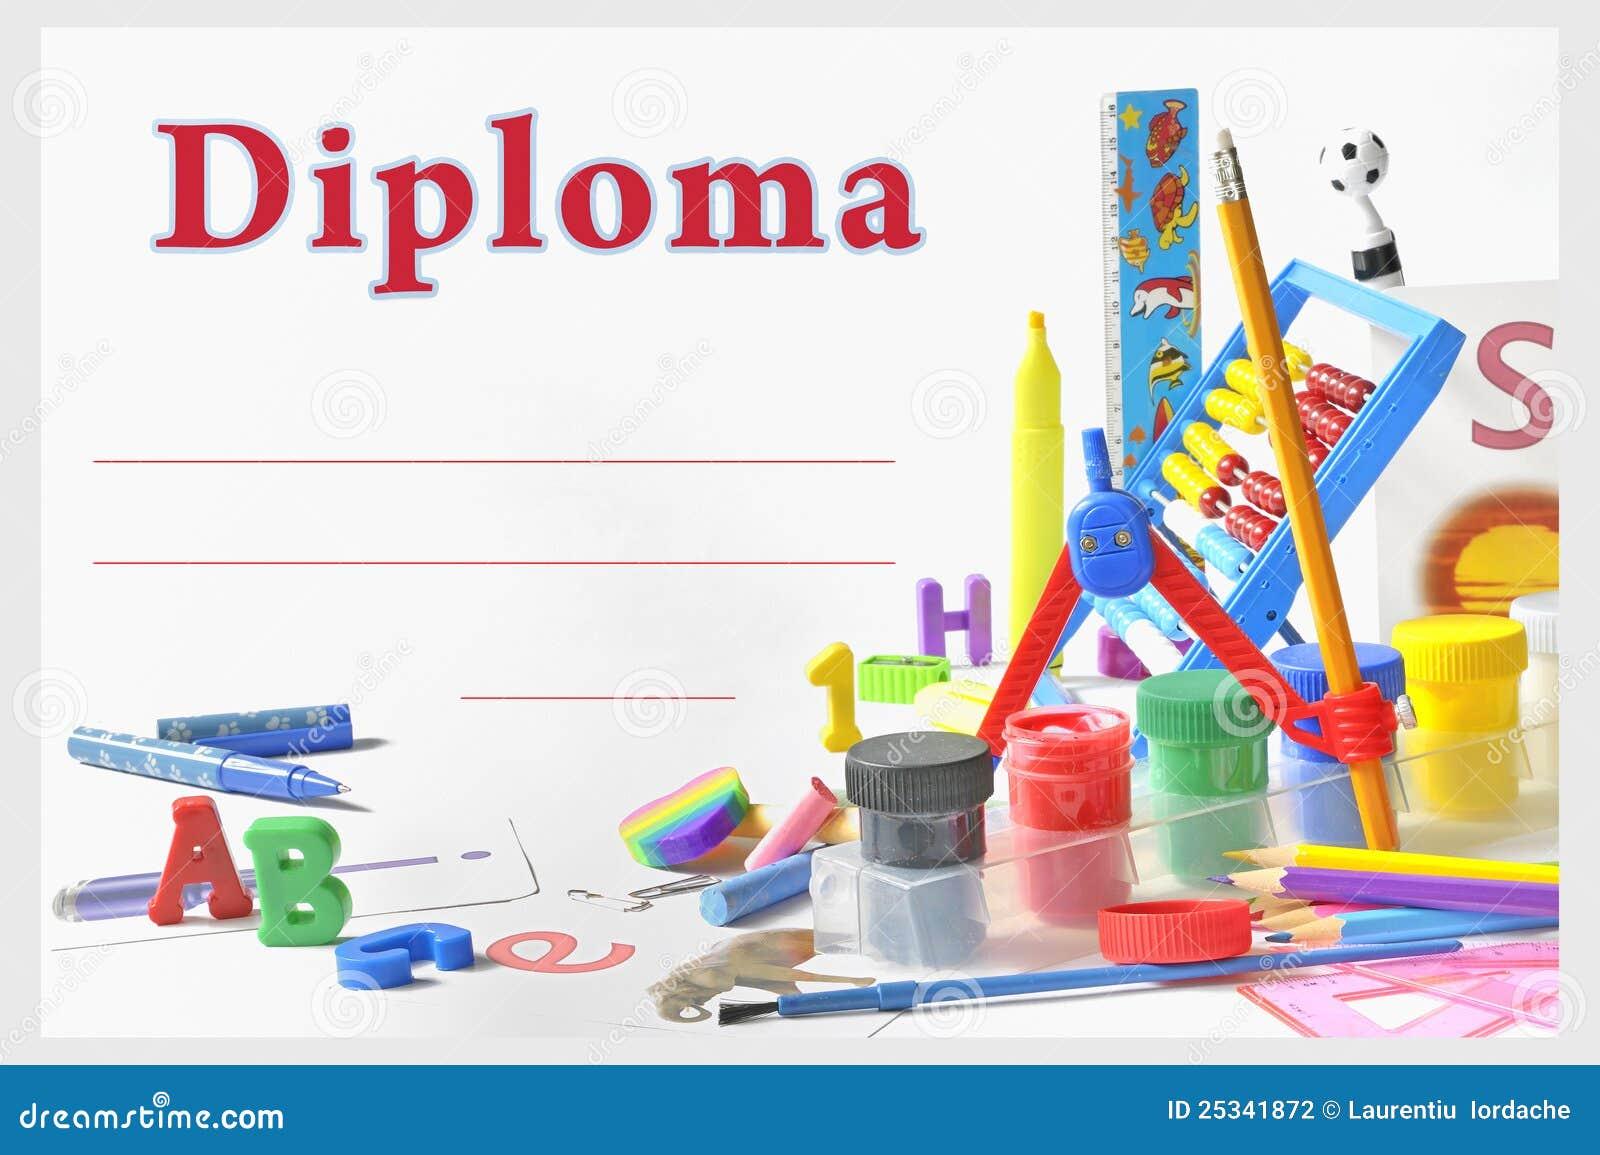 Diploma pré-escolar